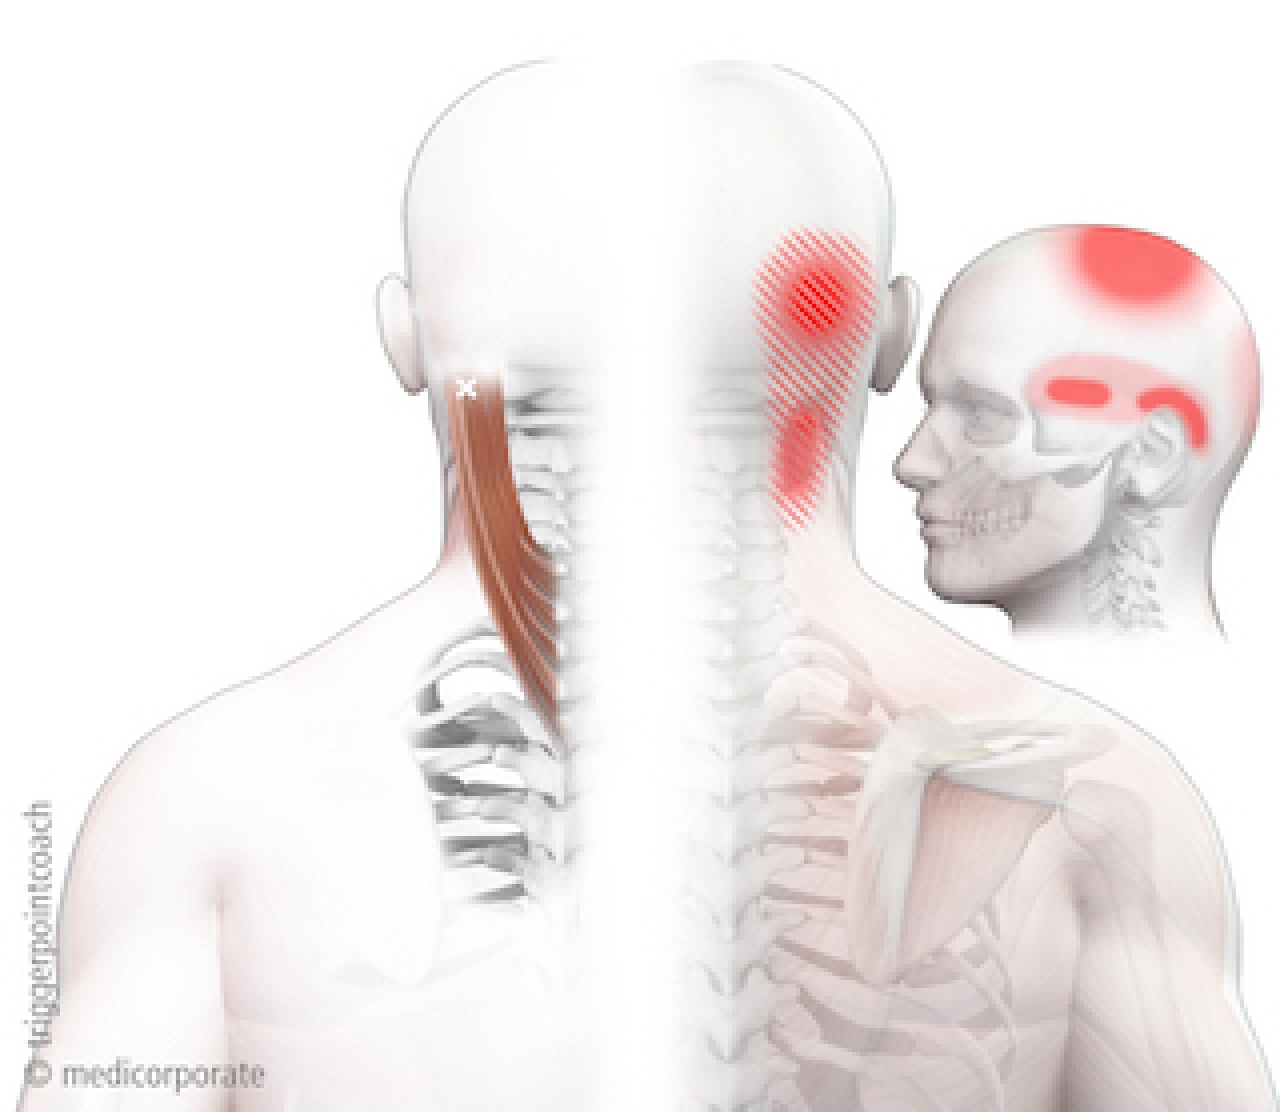 Hoofd- en nekpijn door triggerpoints | Opleiding Triggerpointcoach®